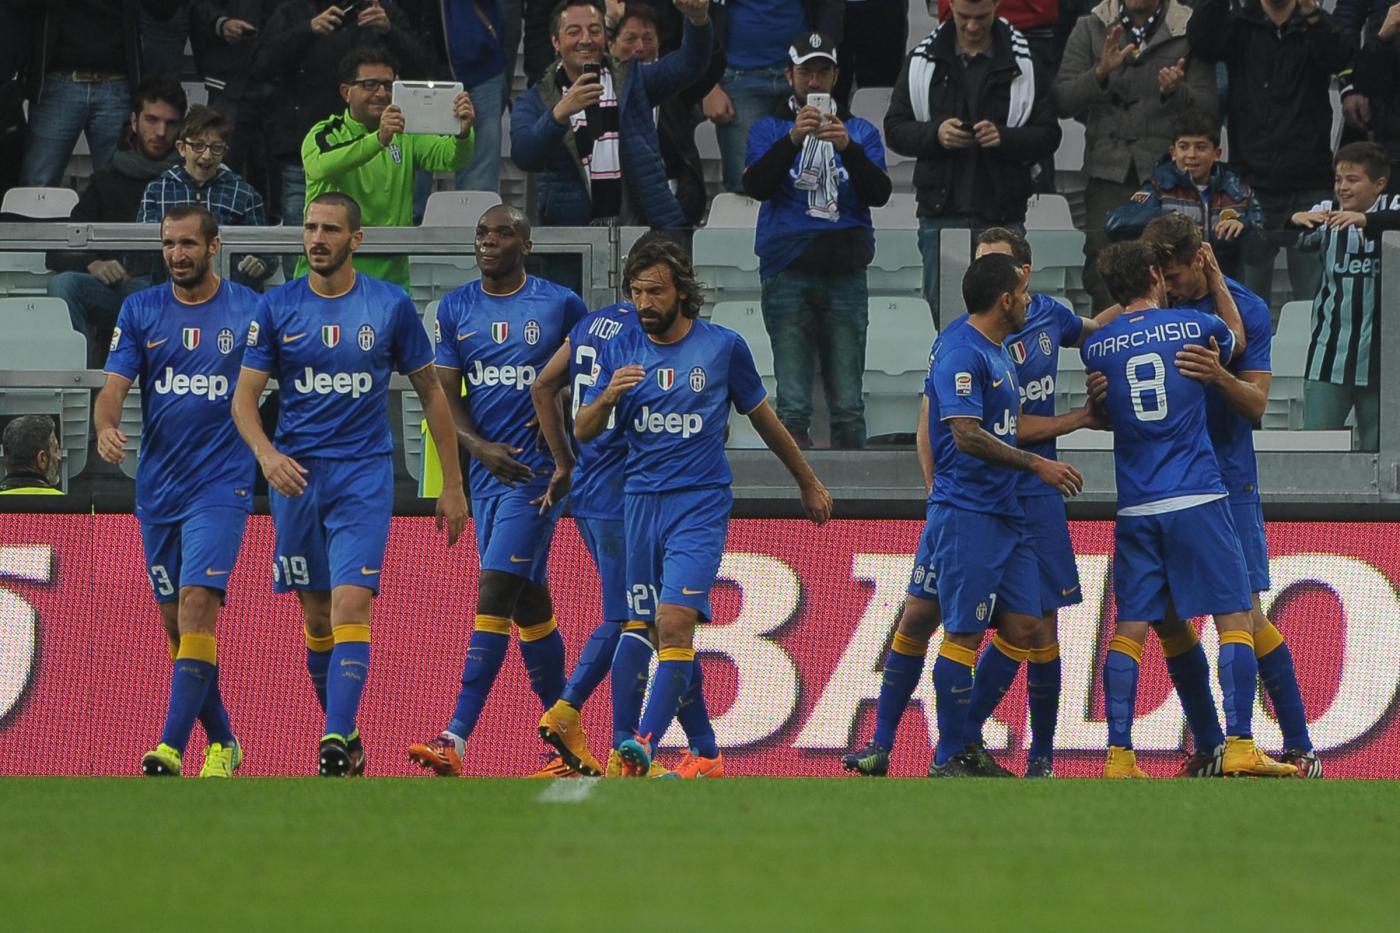 Pagelle Serie A 2014/15: i voti dopo l'ottava giornata